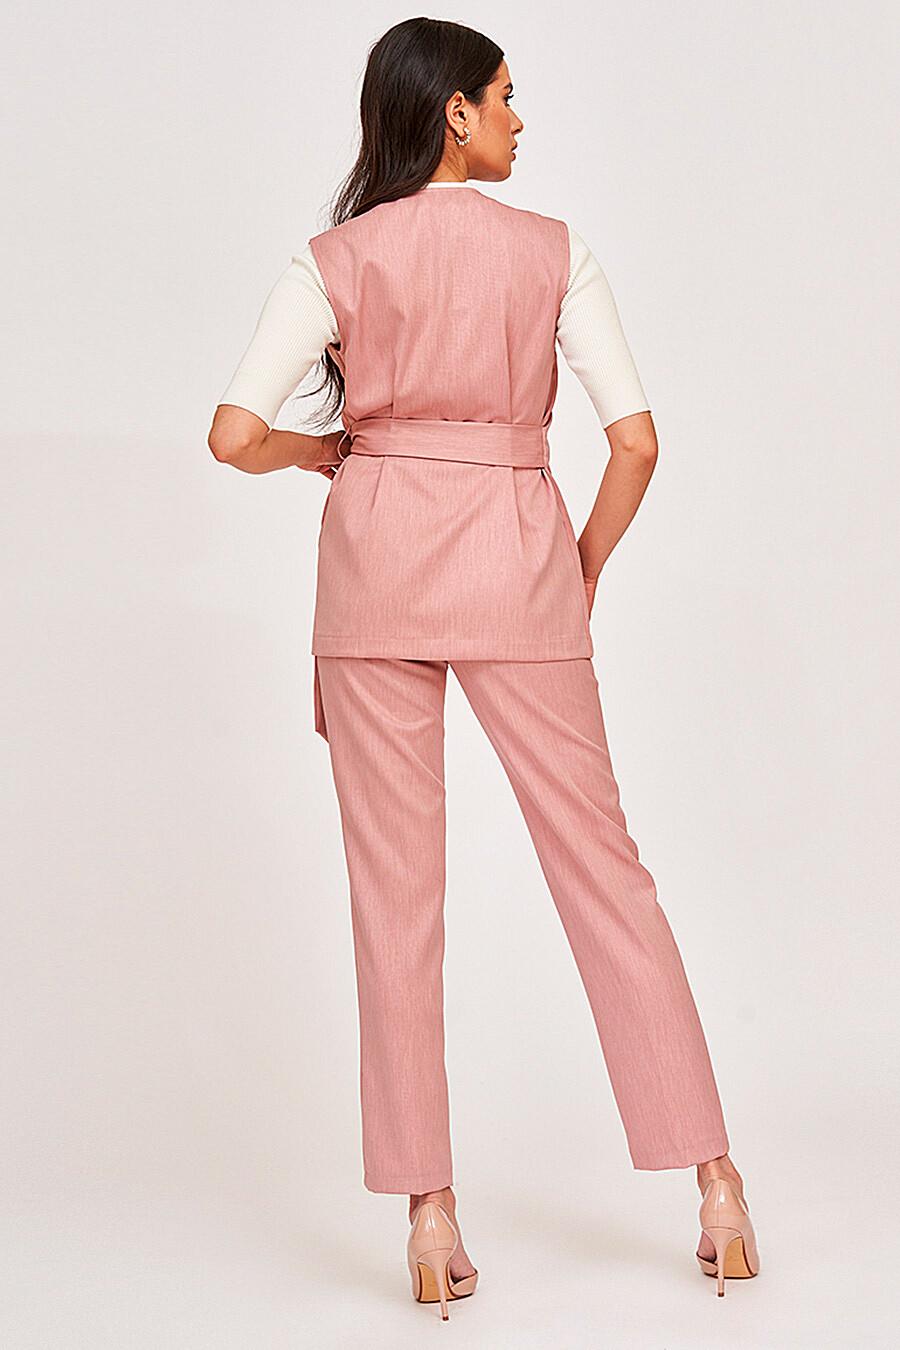 Костюм (Жилет+Брюки) для женщин VITTORIA VICCI 289545 купить оптом от производителя. Совместная покупка женской одежды в OptMoyo